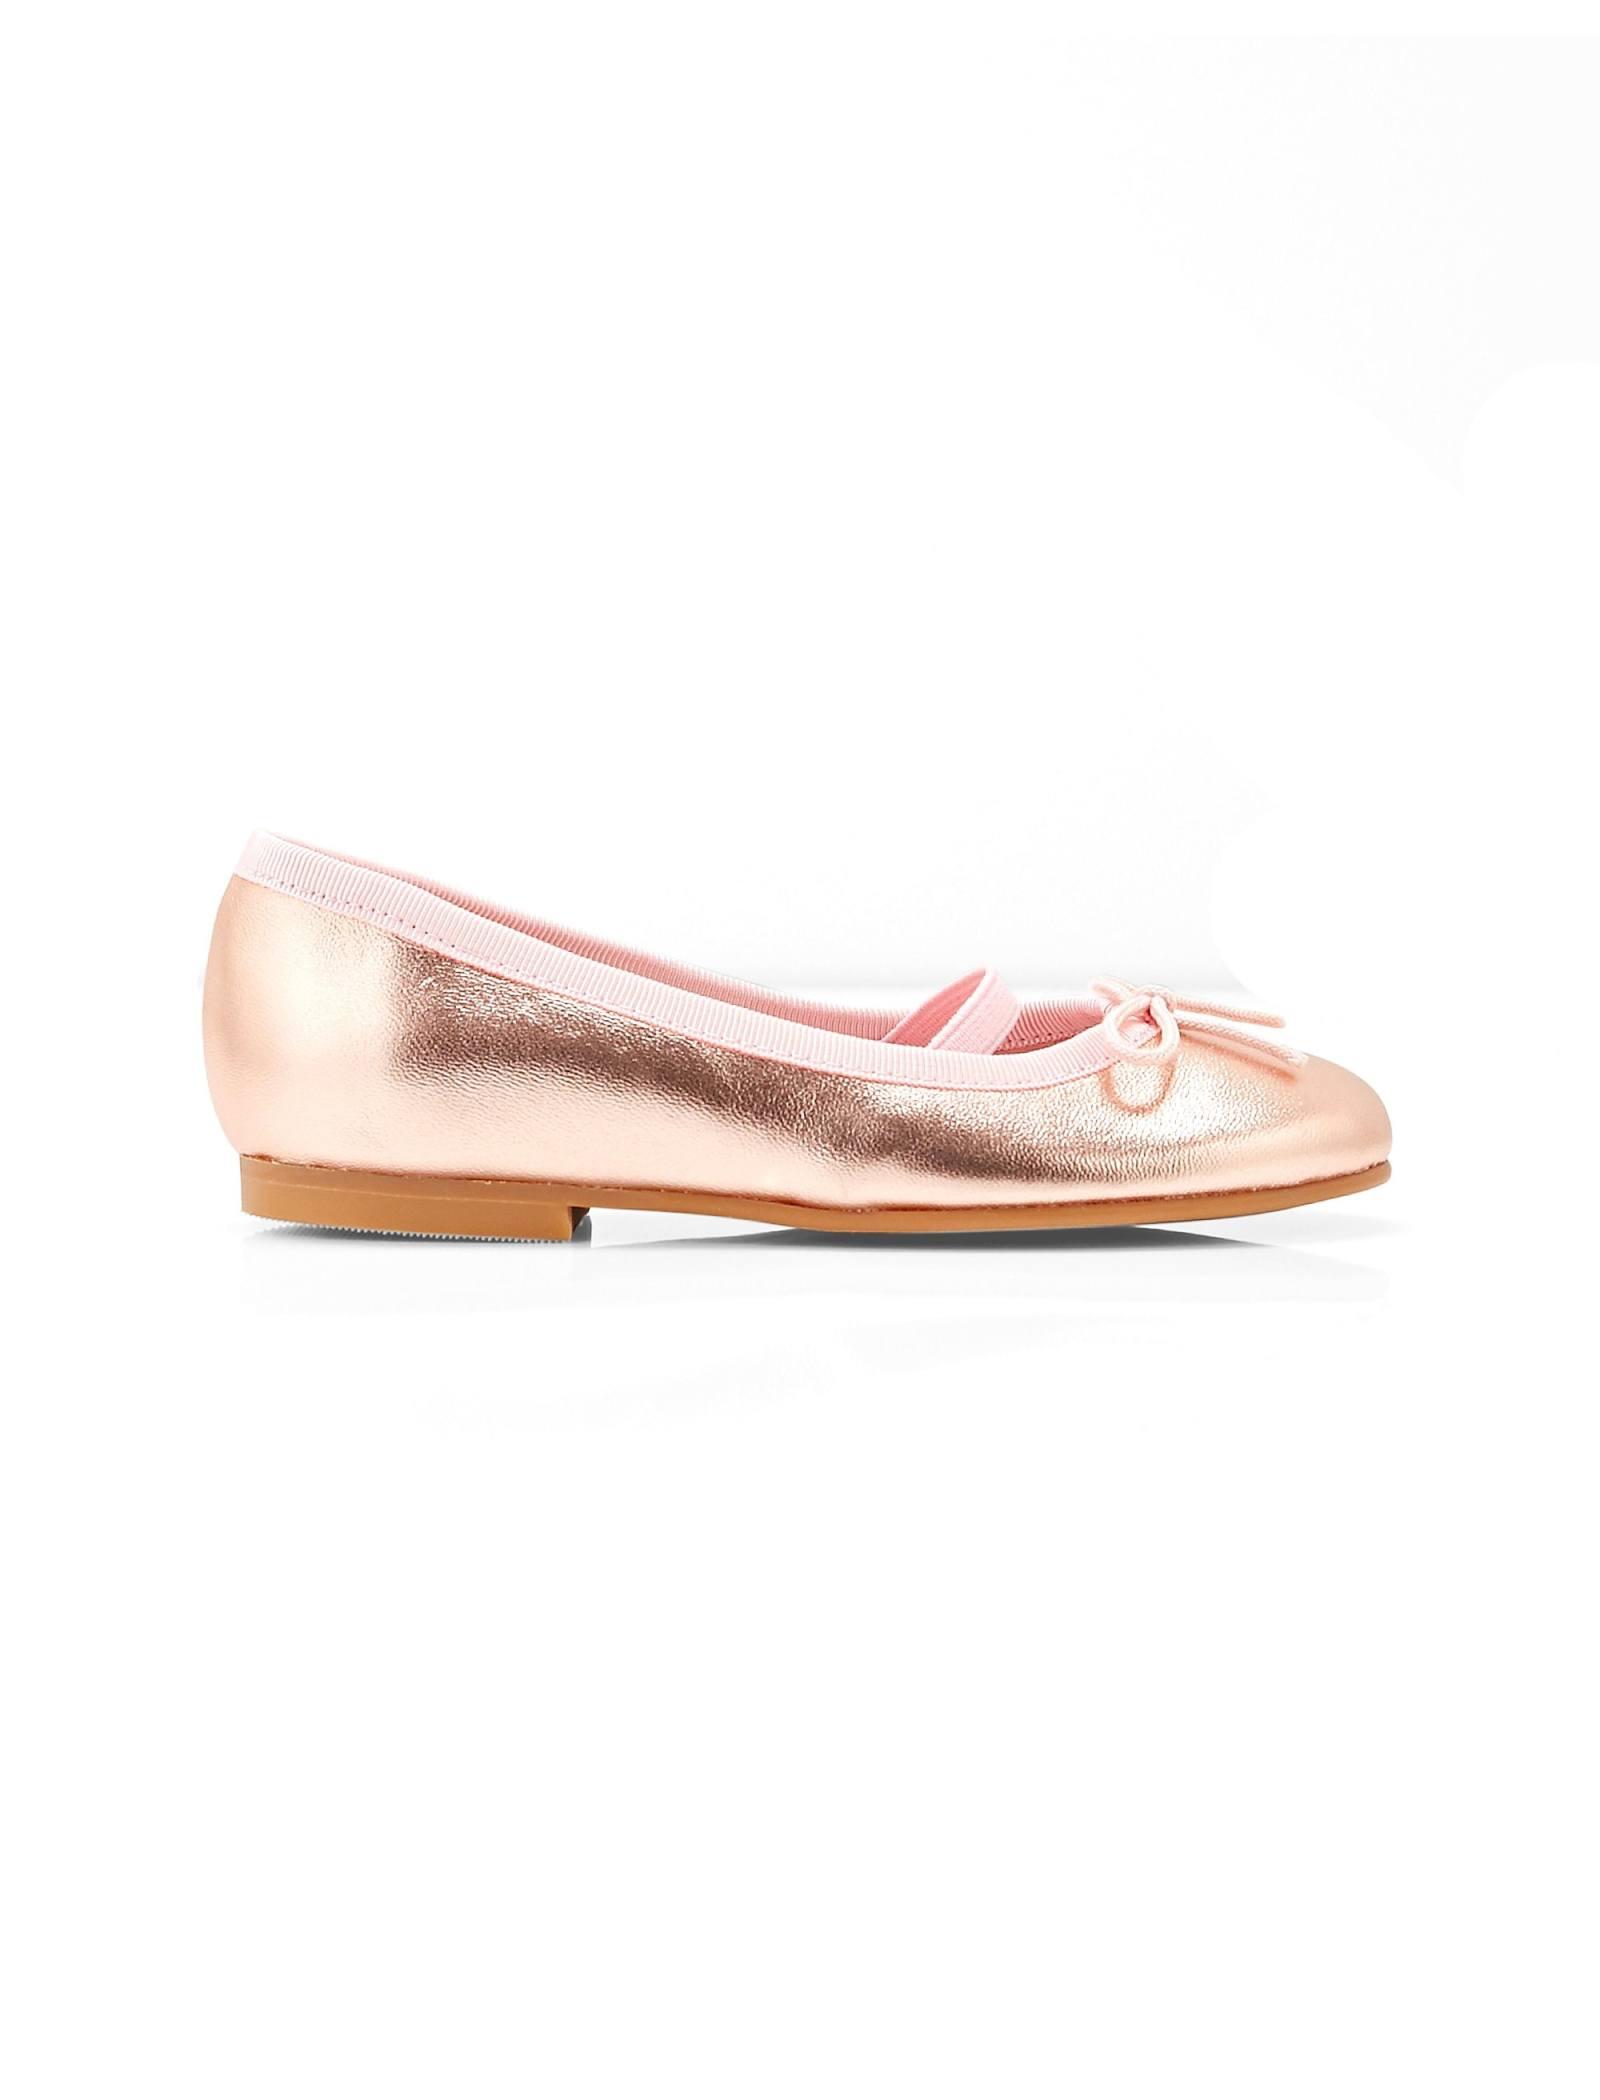 کفش تخت چرم عروسکی دخترانه Dittle Irisee - جاکادی - رزگلد - 1